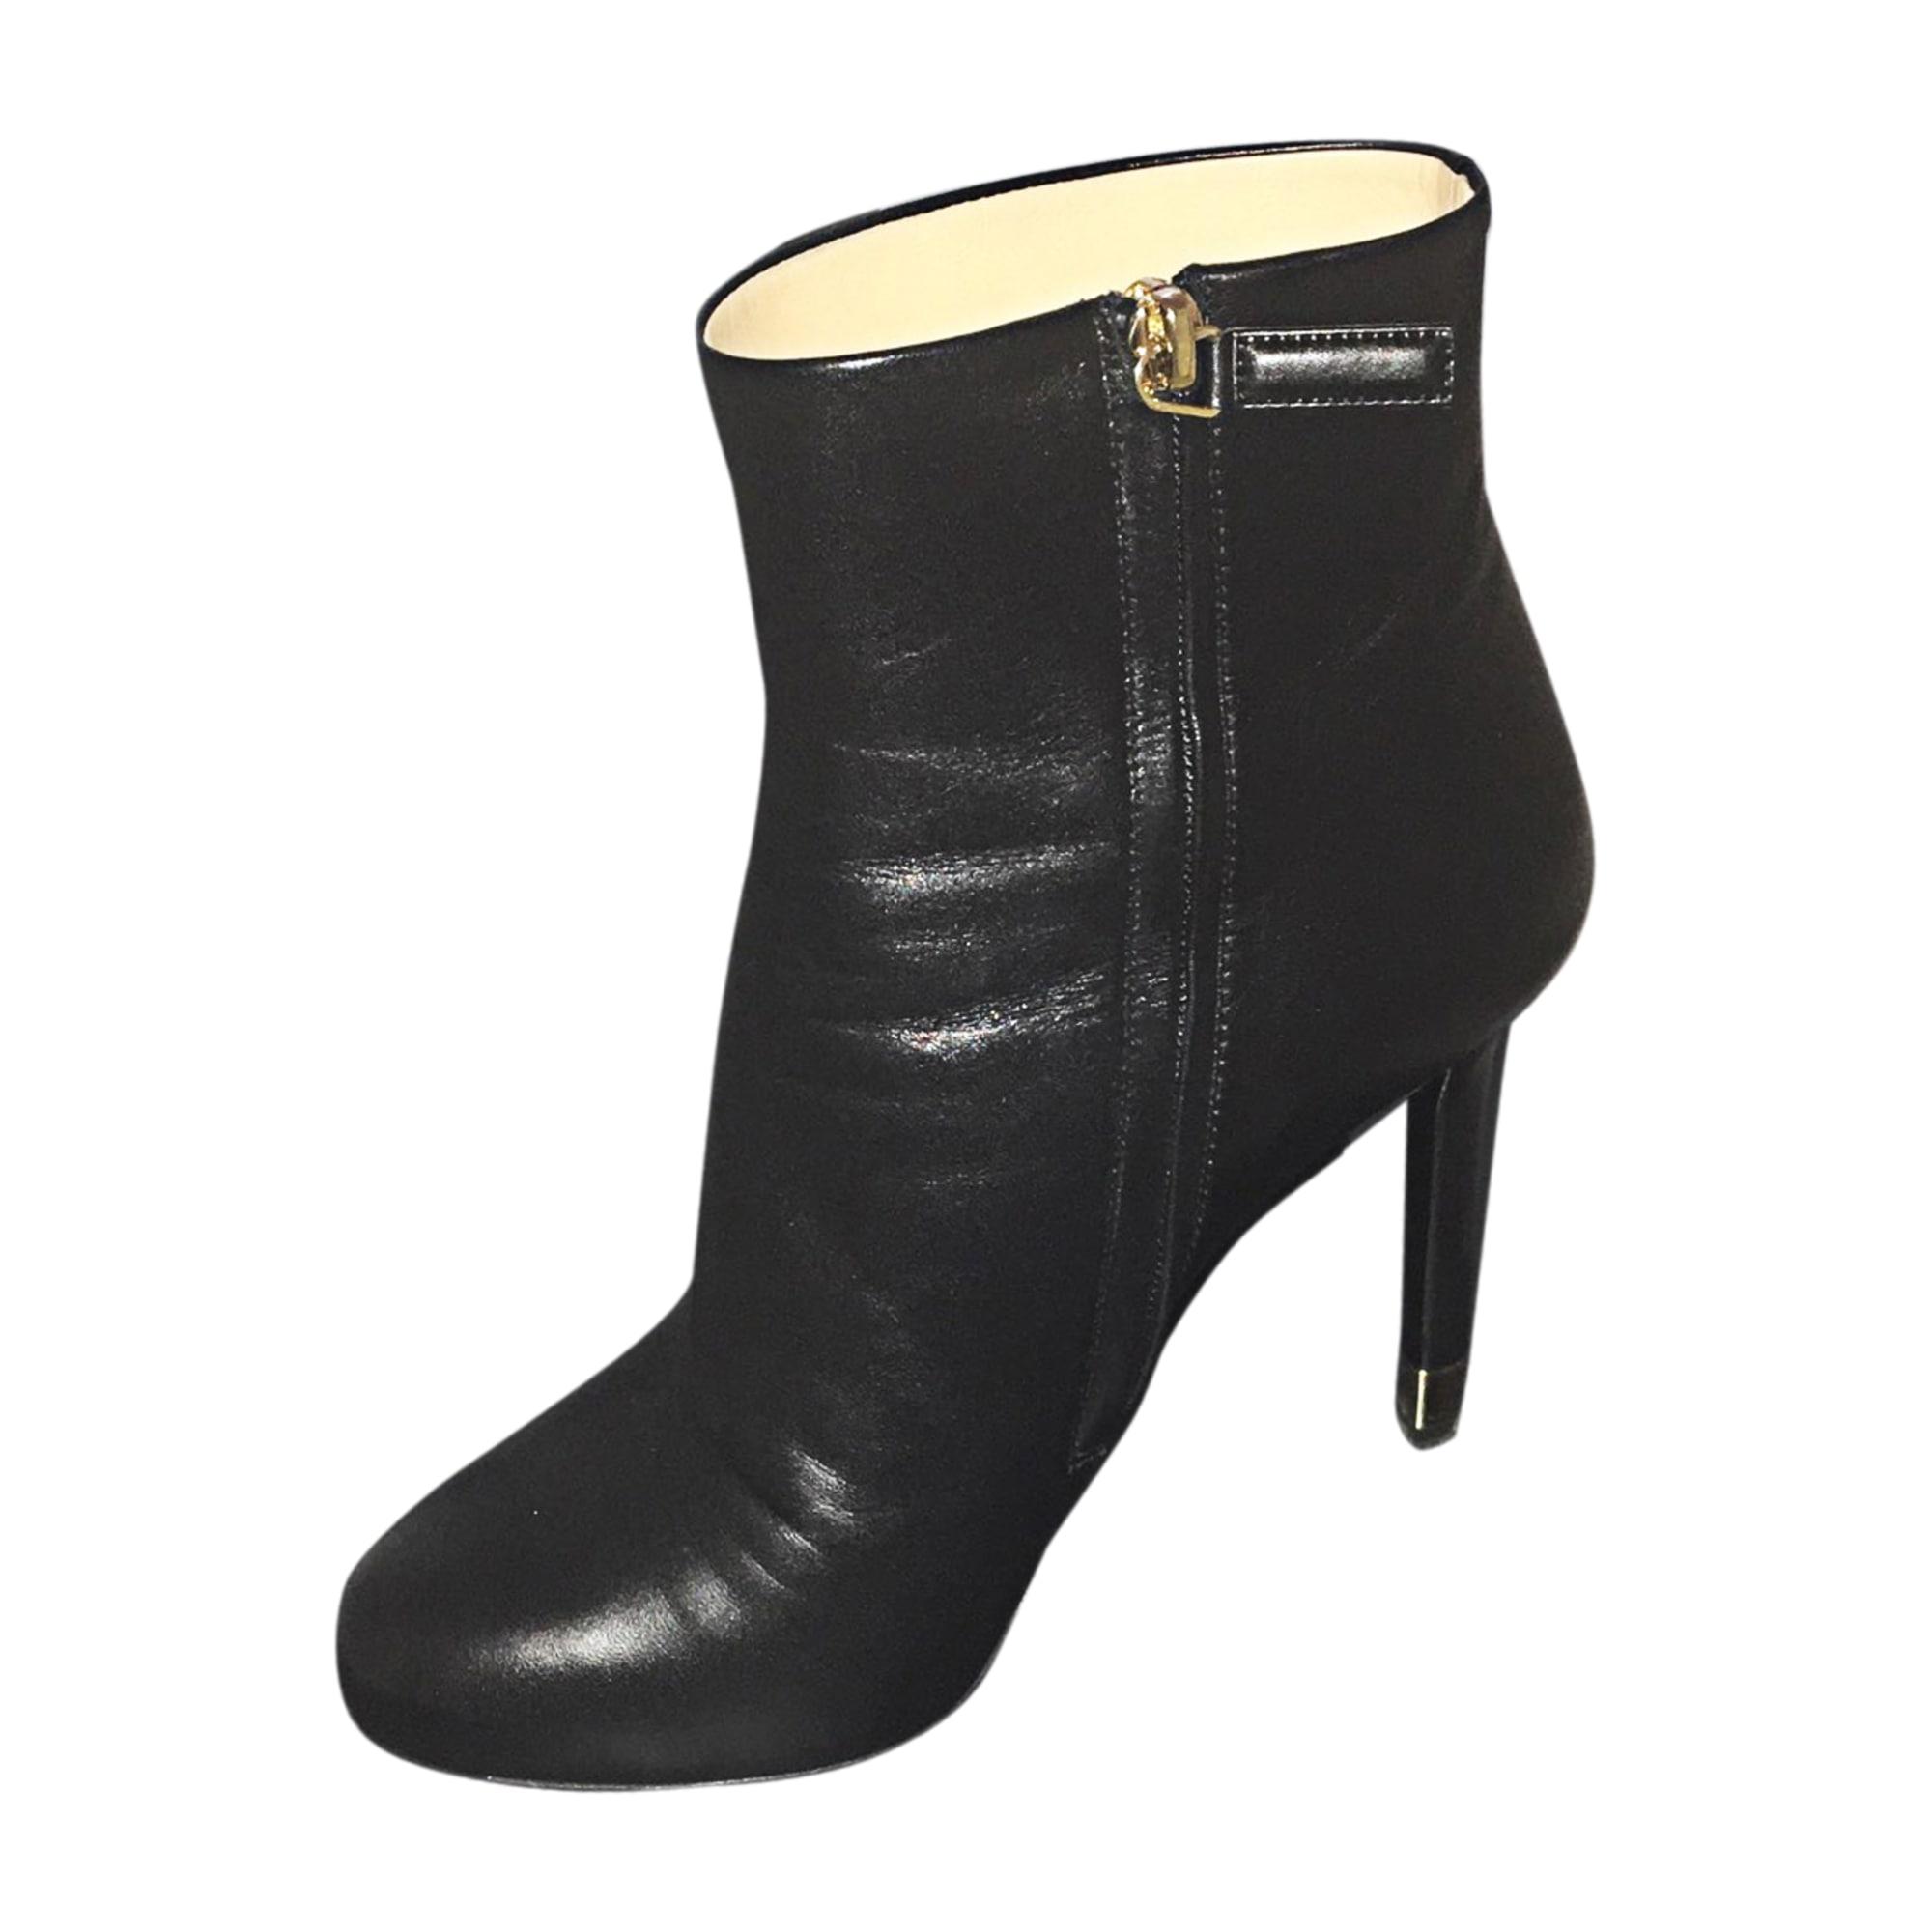 Bottines   low boots à talons CHANEL 39 noir - 5830460 fcf0301d169